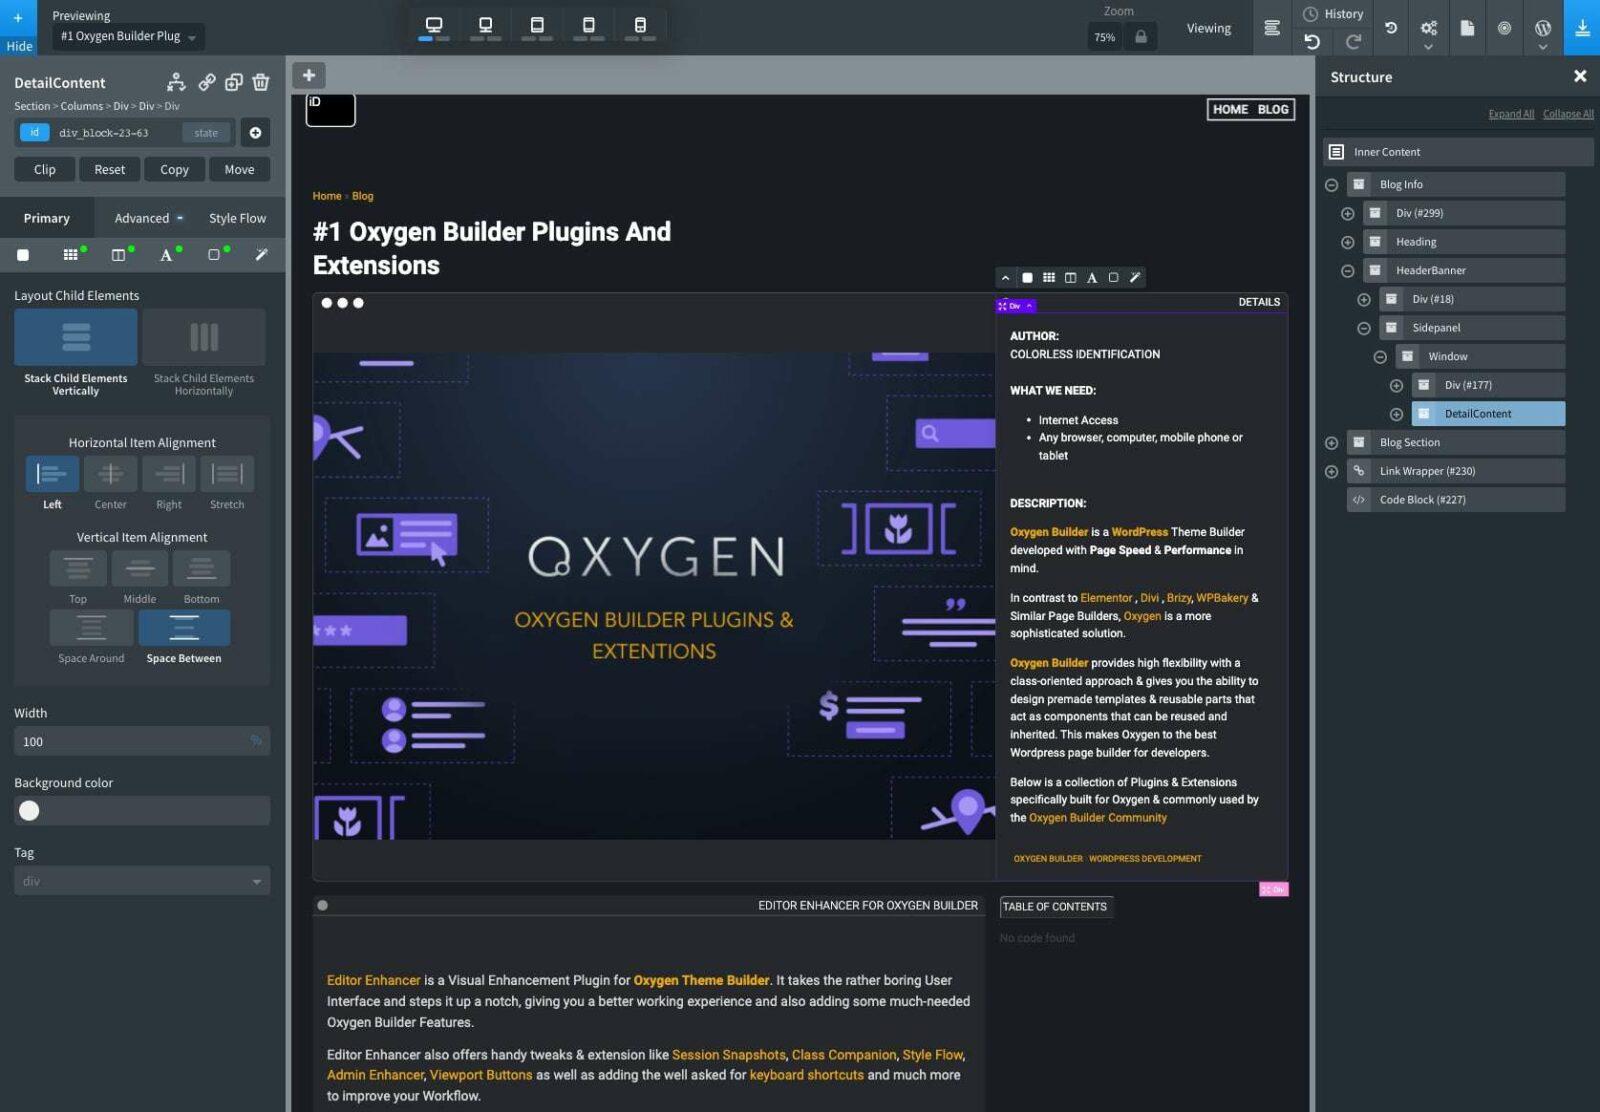 Oxygen Builder Plugin Screenshot Editor Enhancer